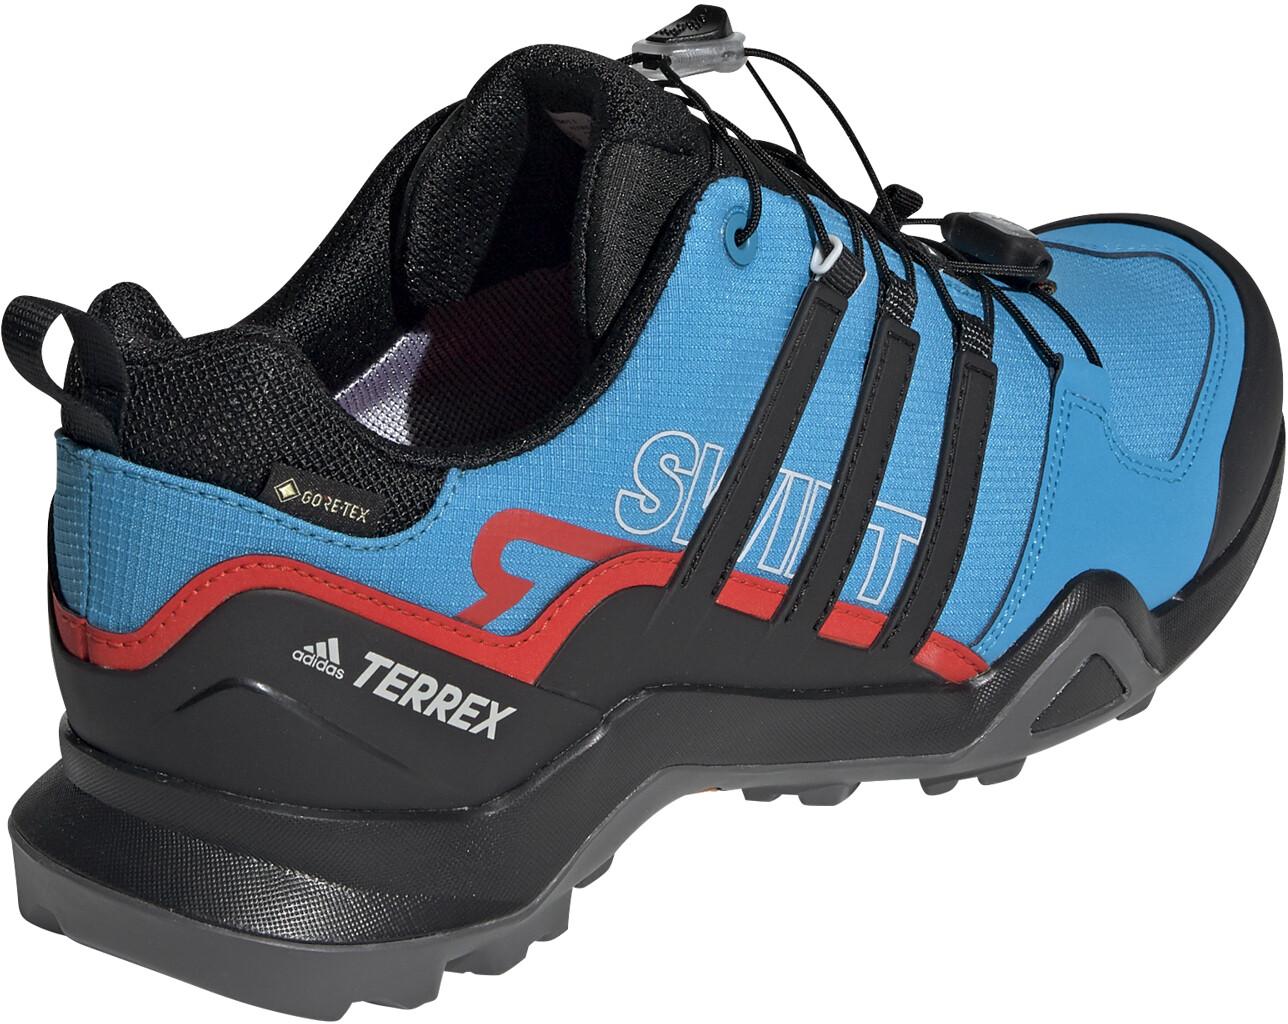 eaed671ebc1 adidas TERREX Swift R2 GTX Schoenen Heren blauw/zwart l Outdoor ...